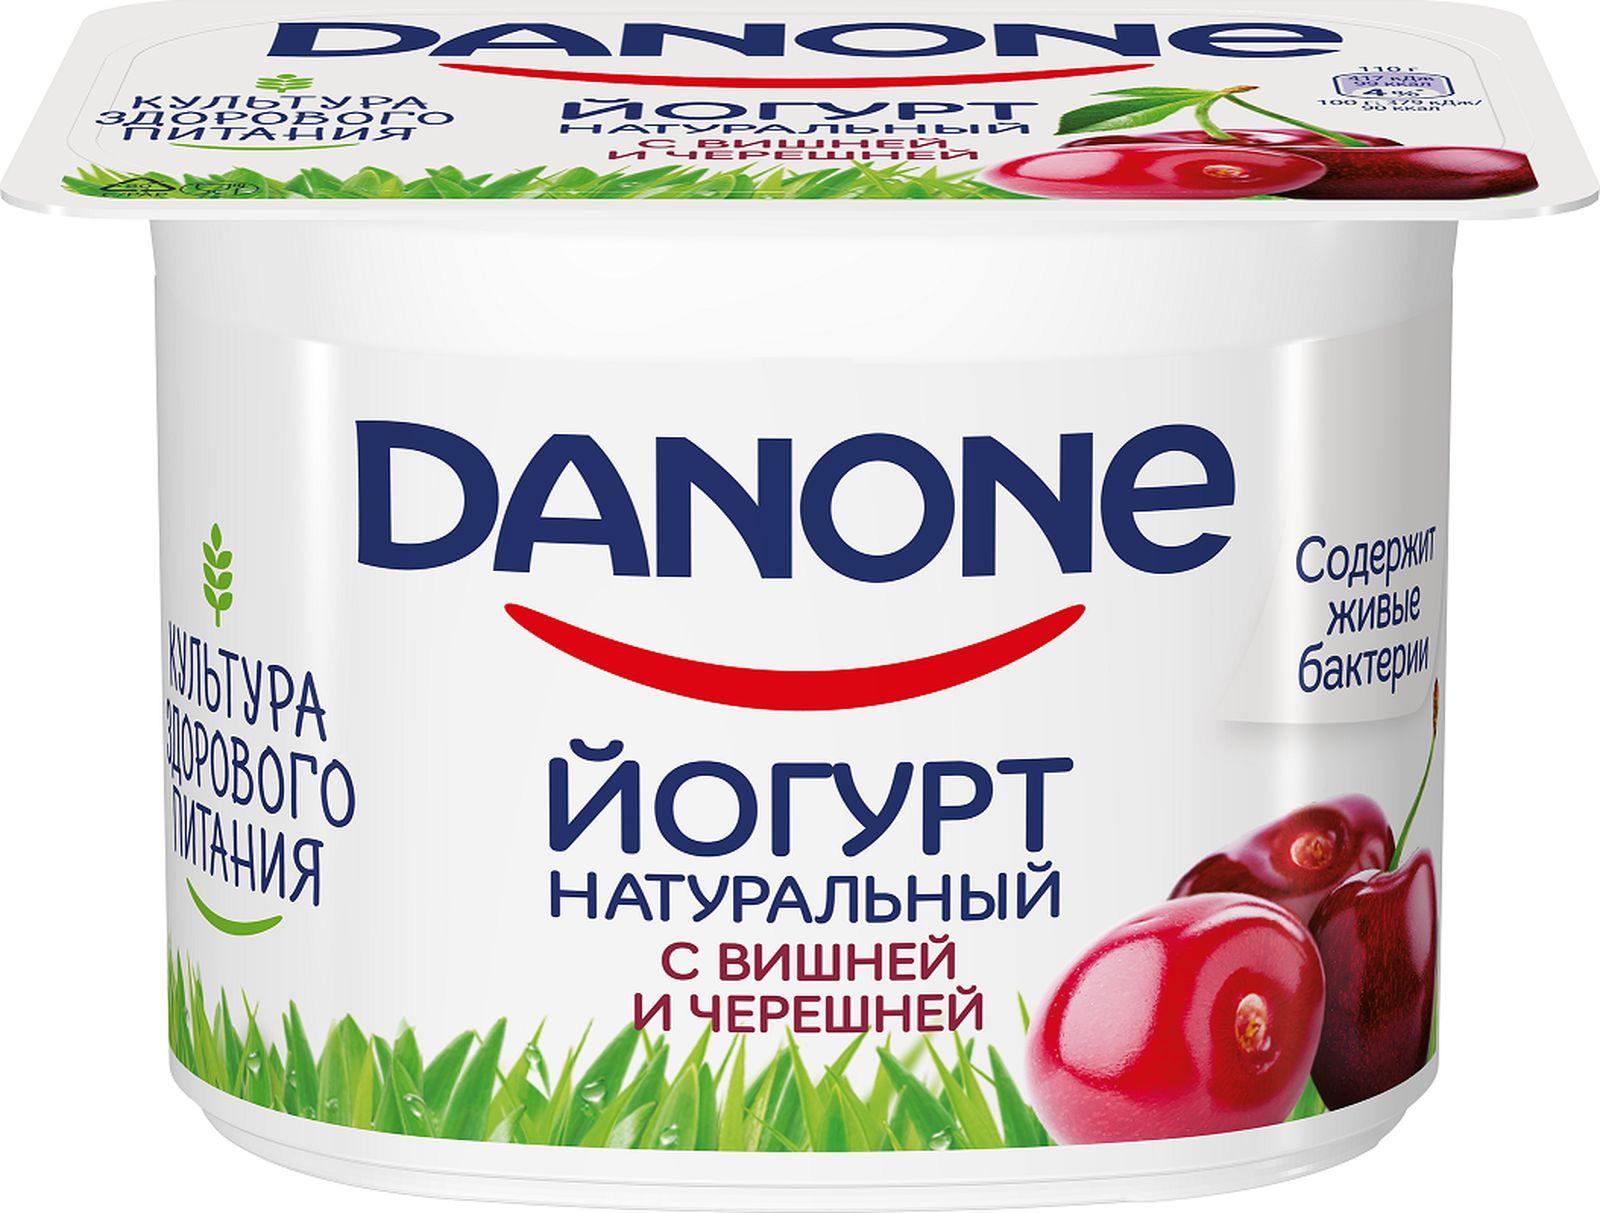 Йогурт Danone, вишня, черешня, 110 г